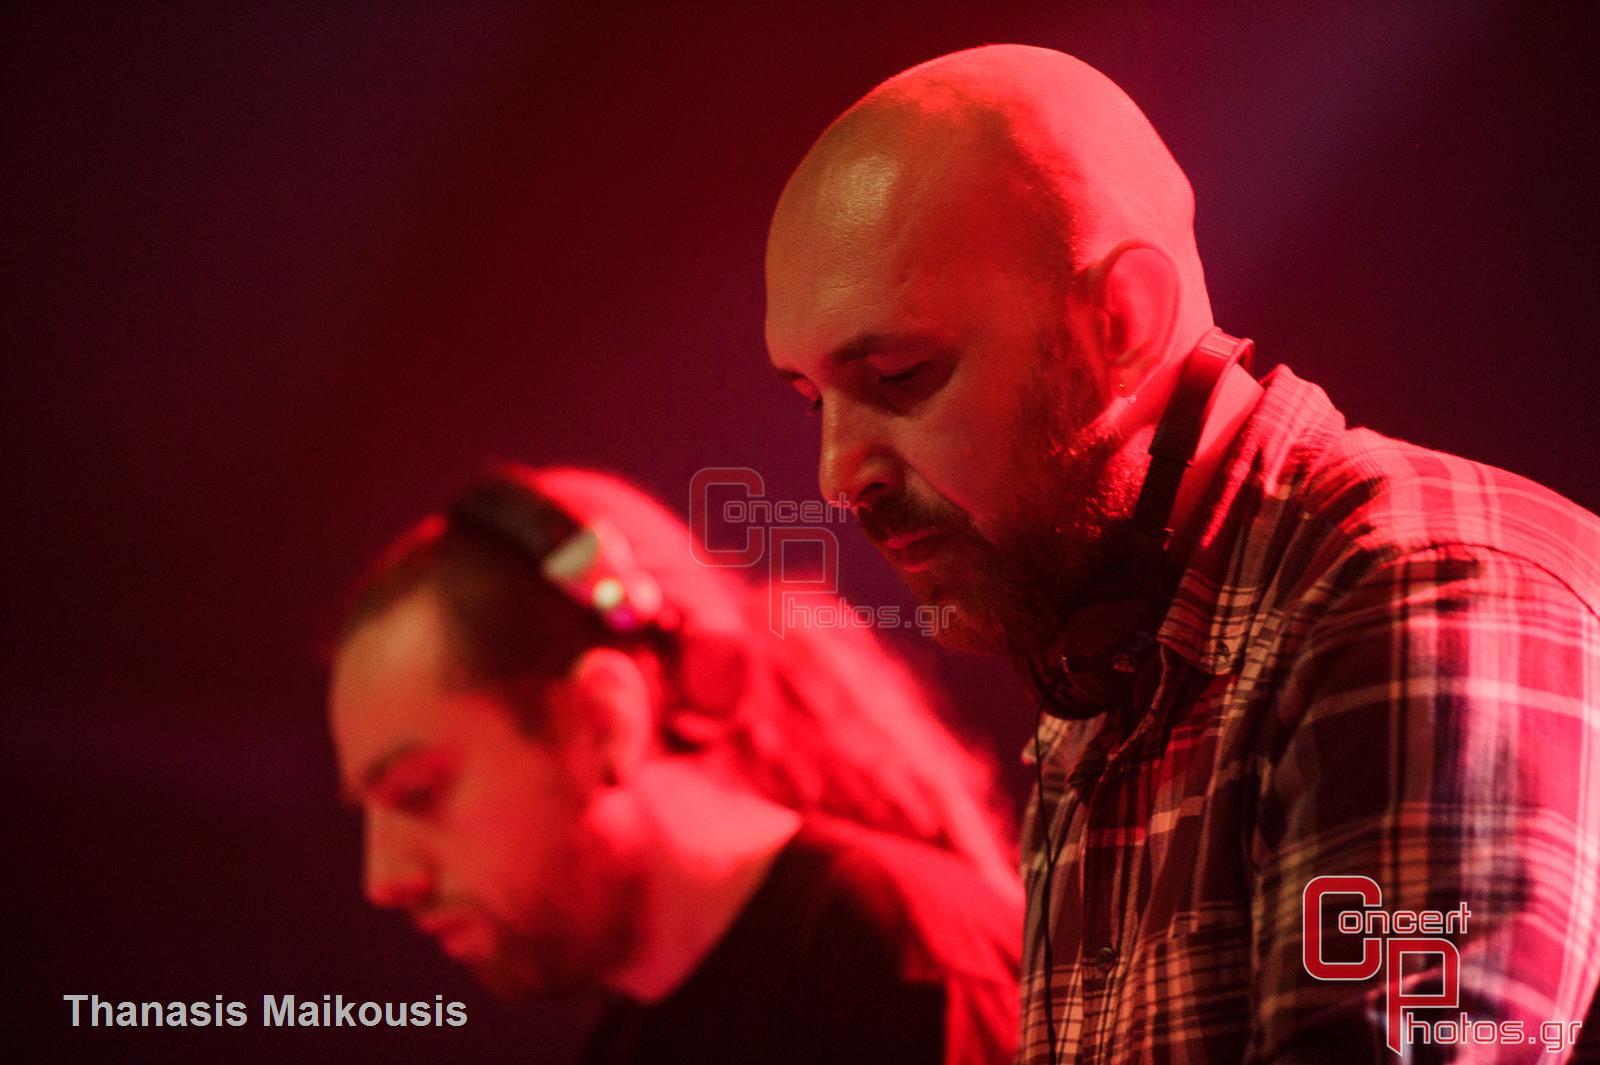 Morcheeba-Morcheeba Gagarin photographer: Thanasis Maikousis - ConcertPhotos-1324